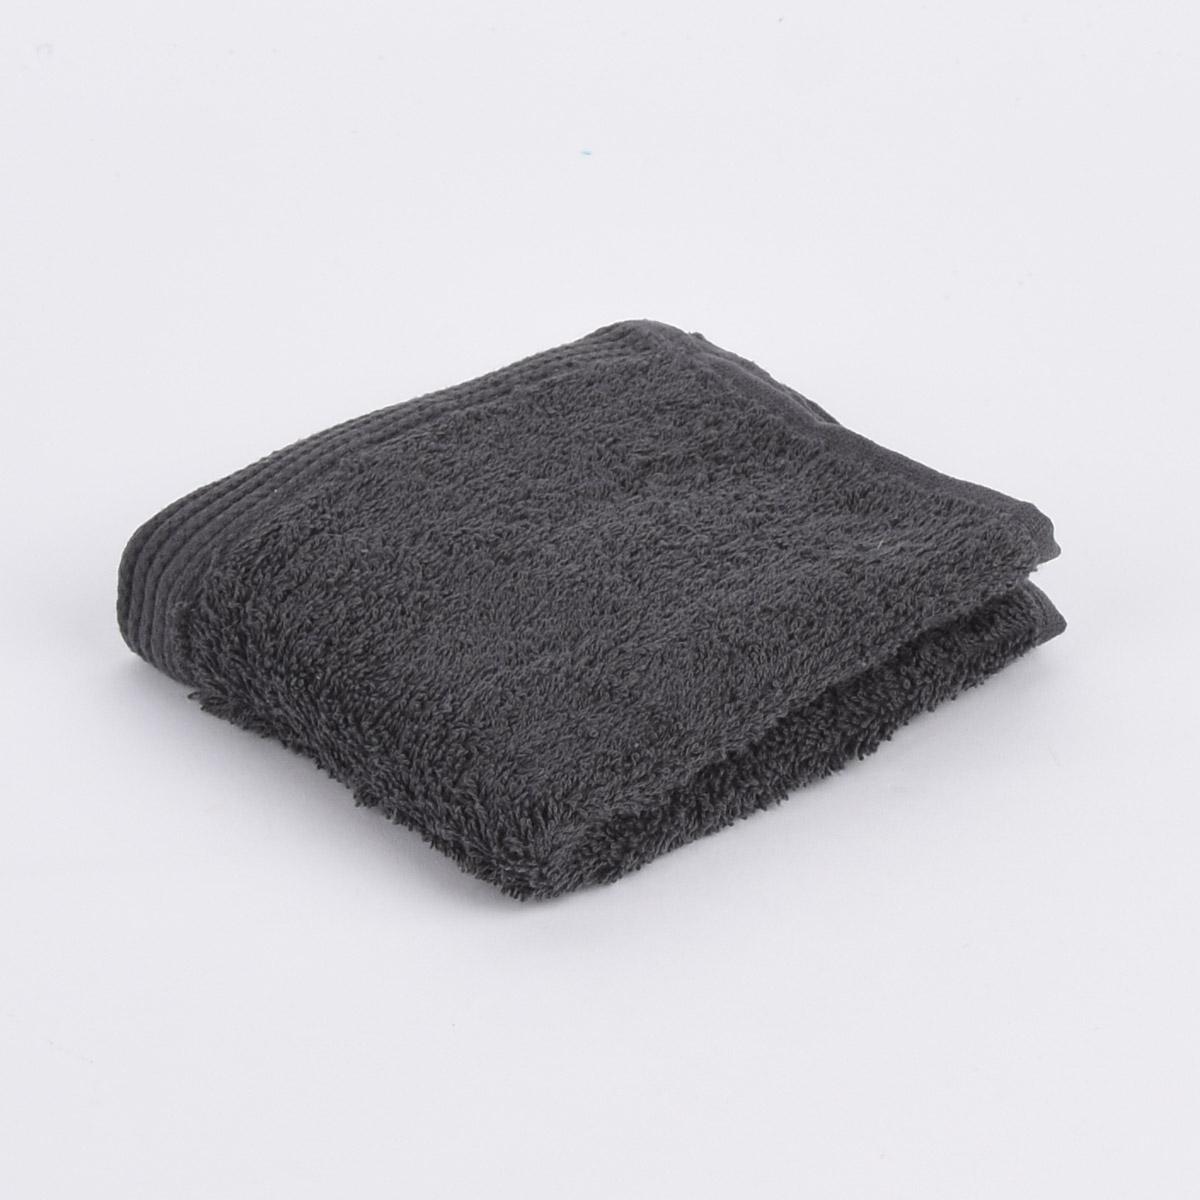 Premium-Frottee Handtuch 100% Baumwolle 580g/qm dunkelgrau